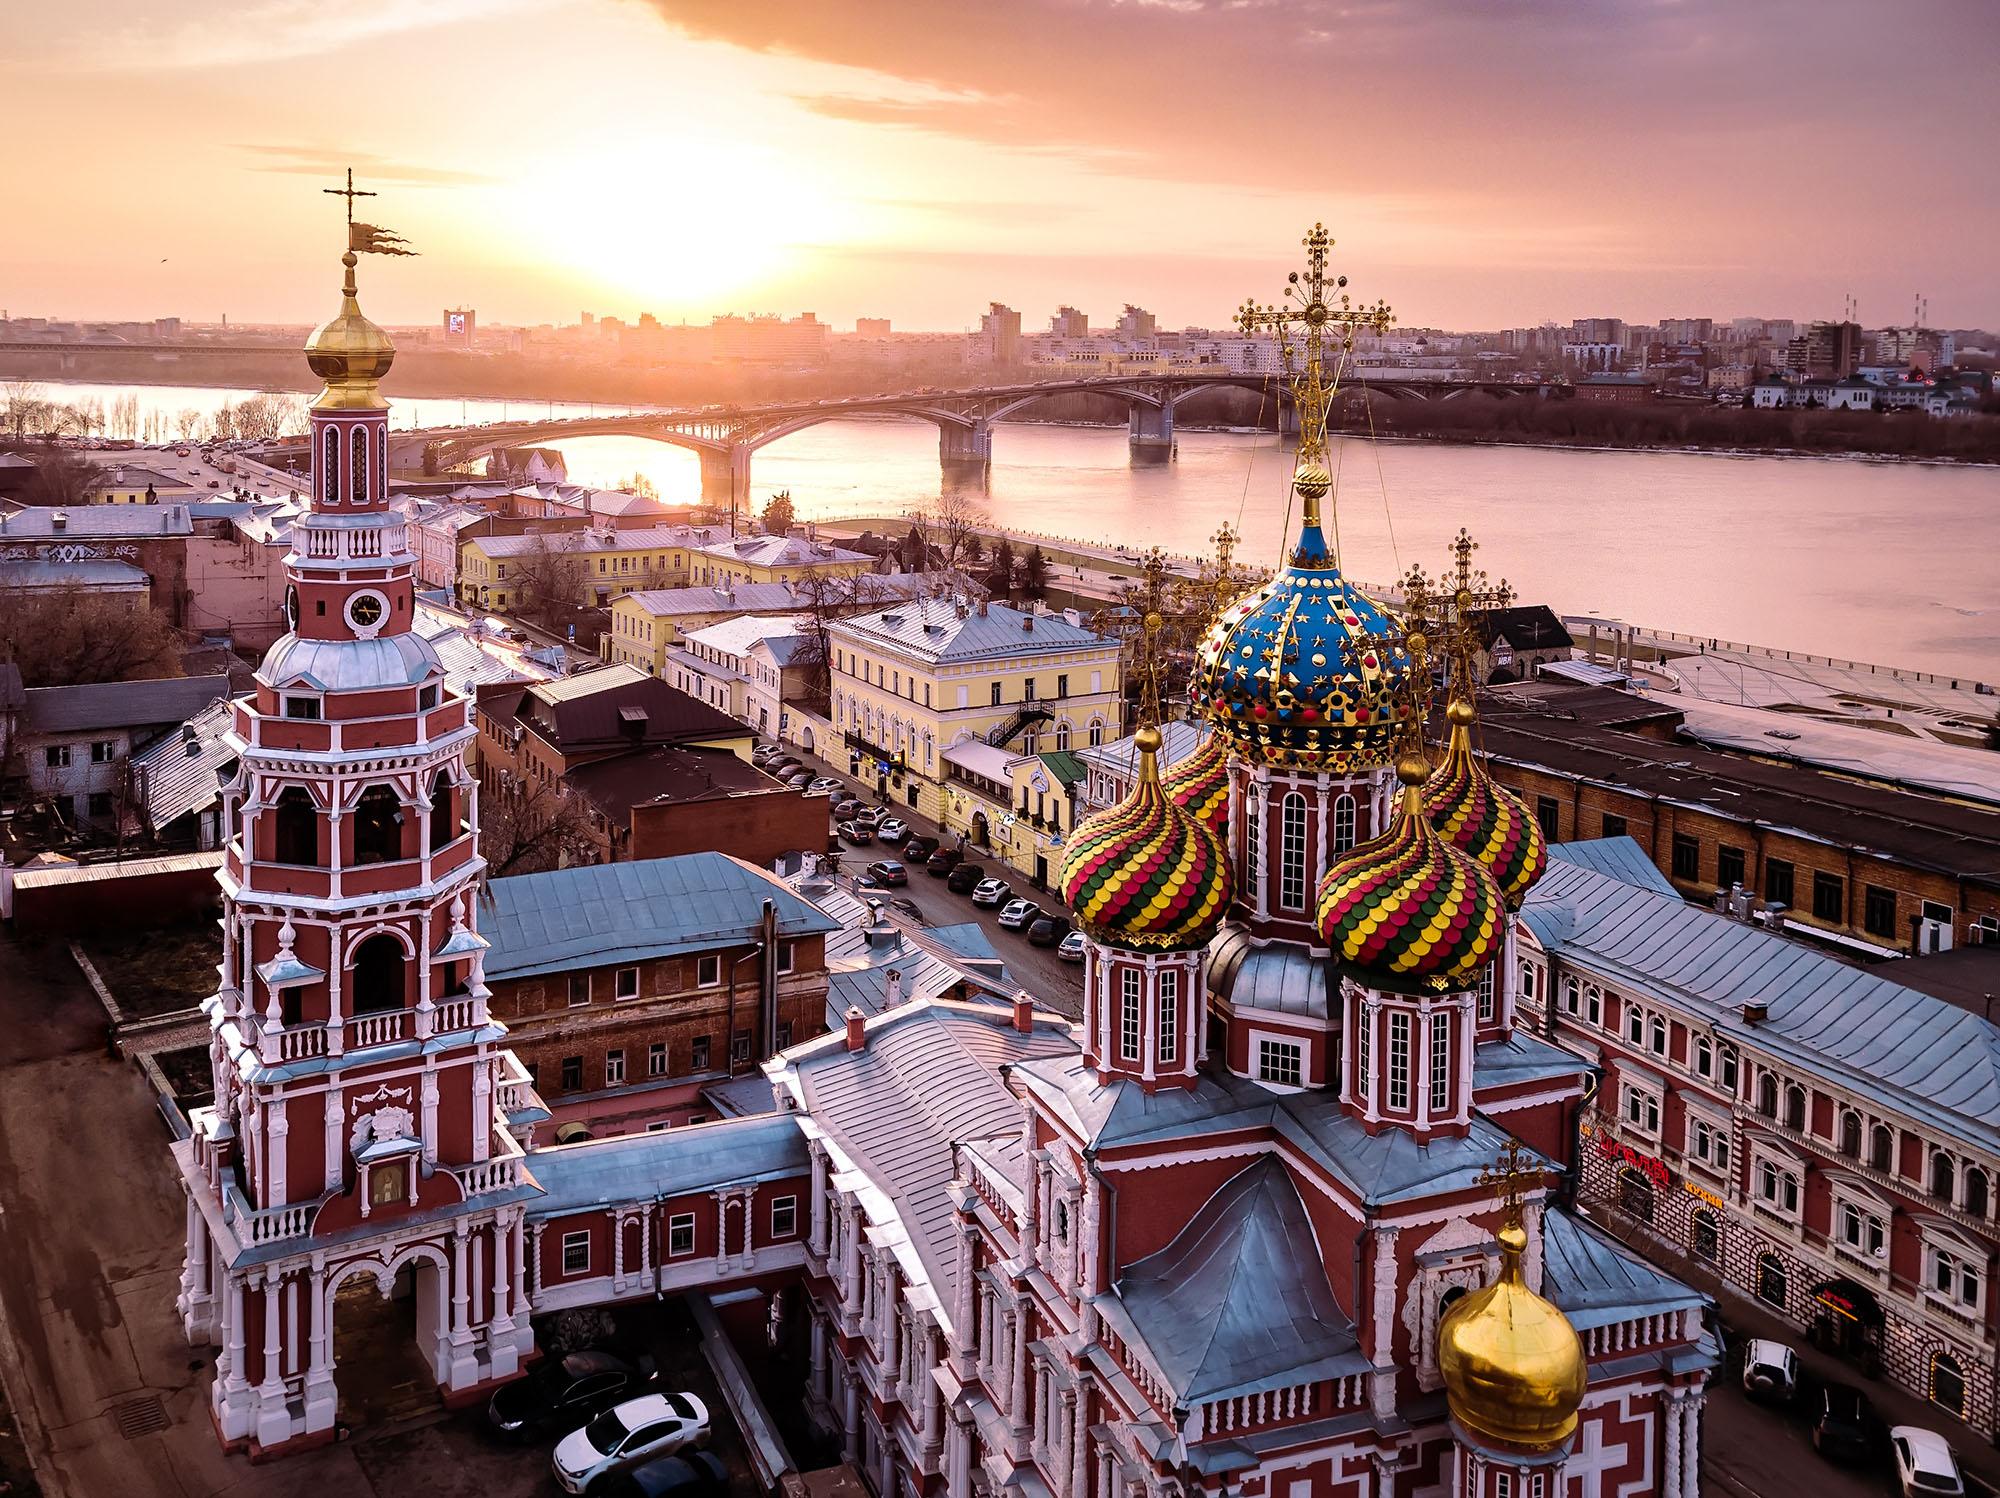 Нижегородская область участвует в онлайн-голосовании журнала National Geographic Traveler